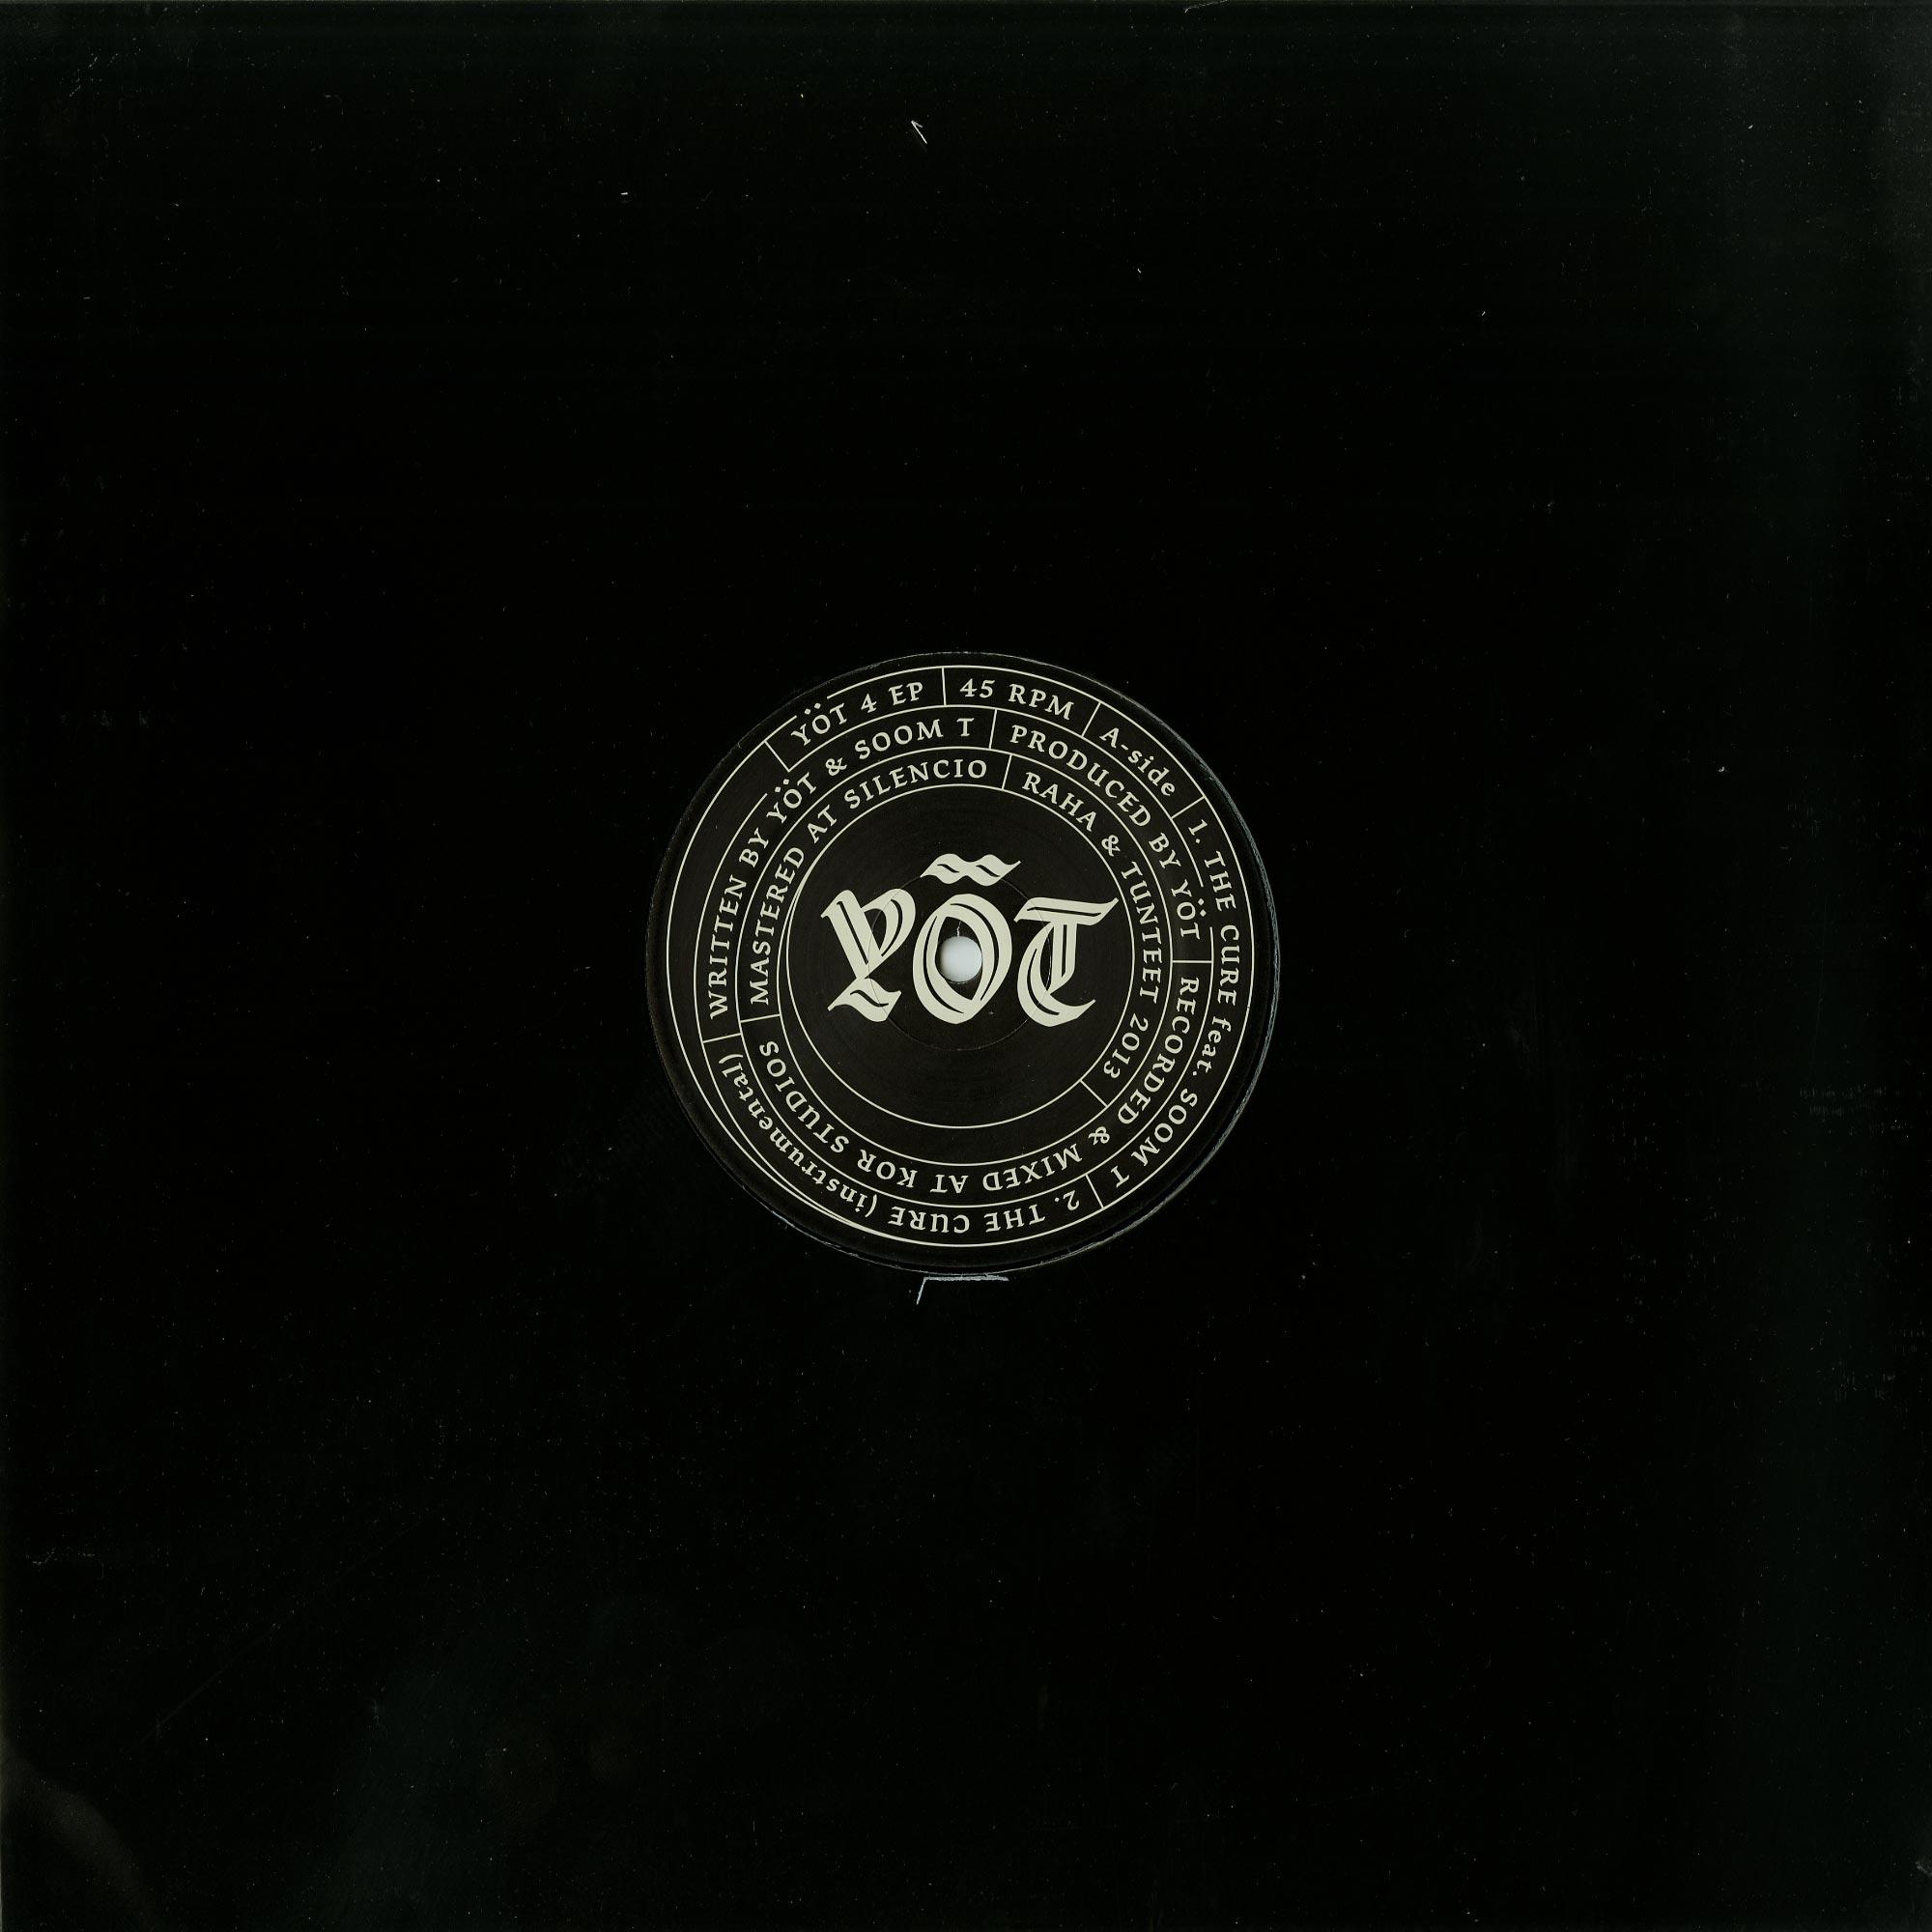 Yot & Soom T - YOT4 EP